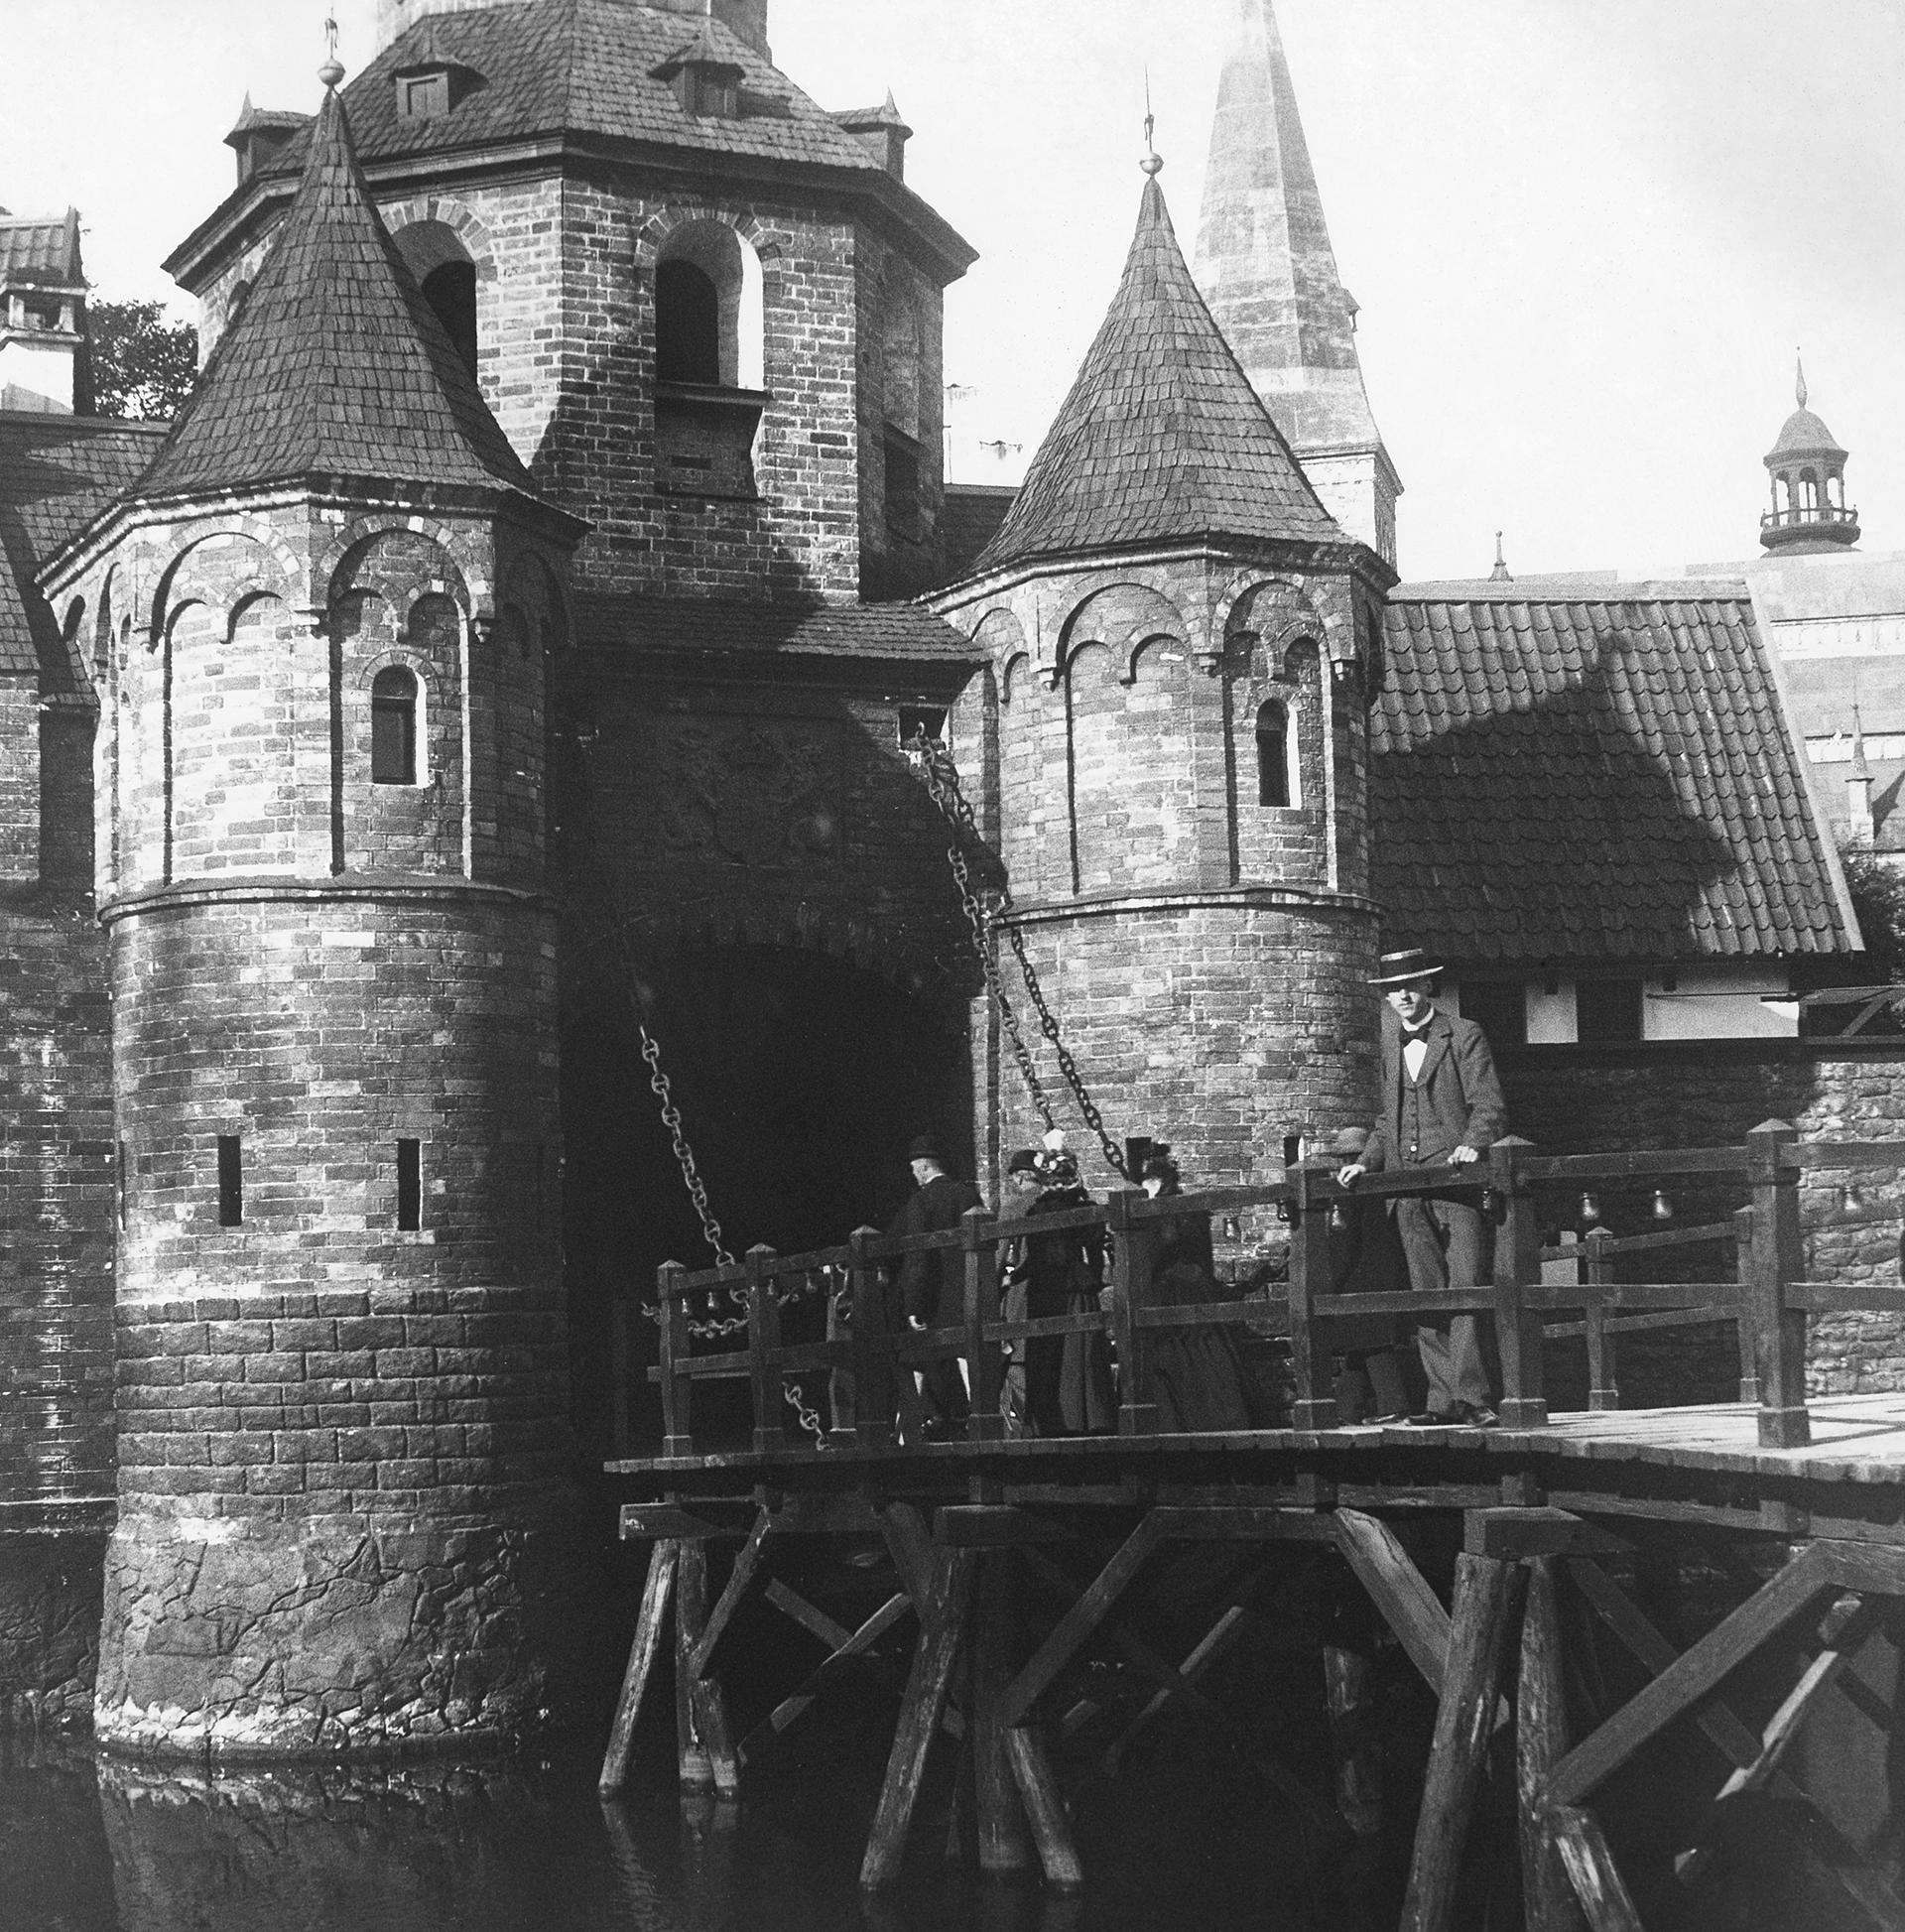 På en träbro står några människor. Bron leder till en byggnad med torn som ser medeltida ut.